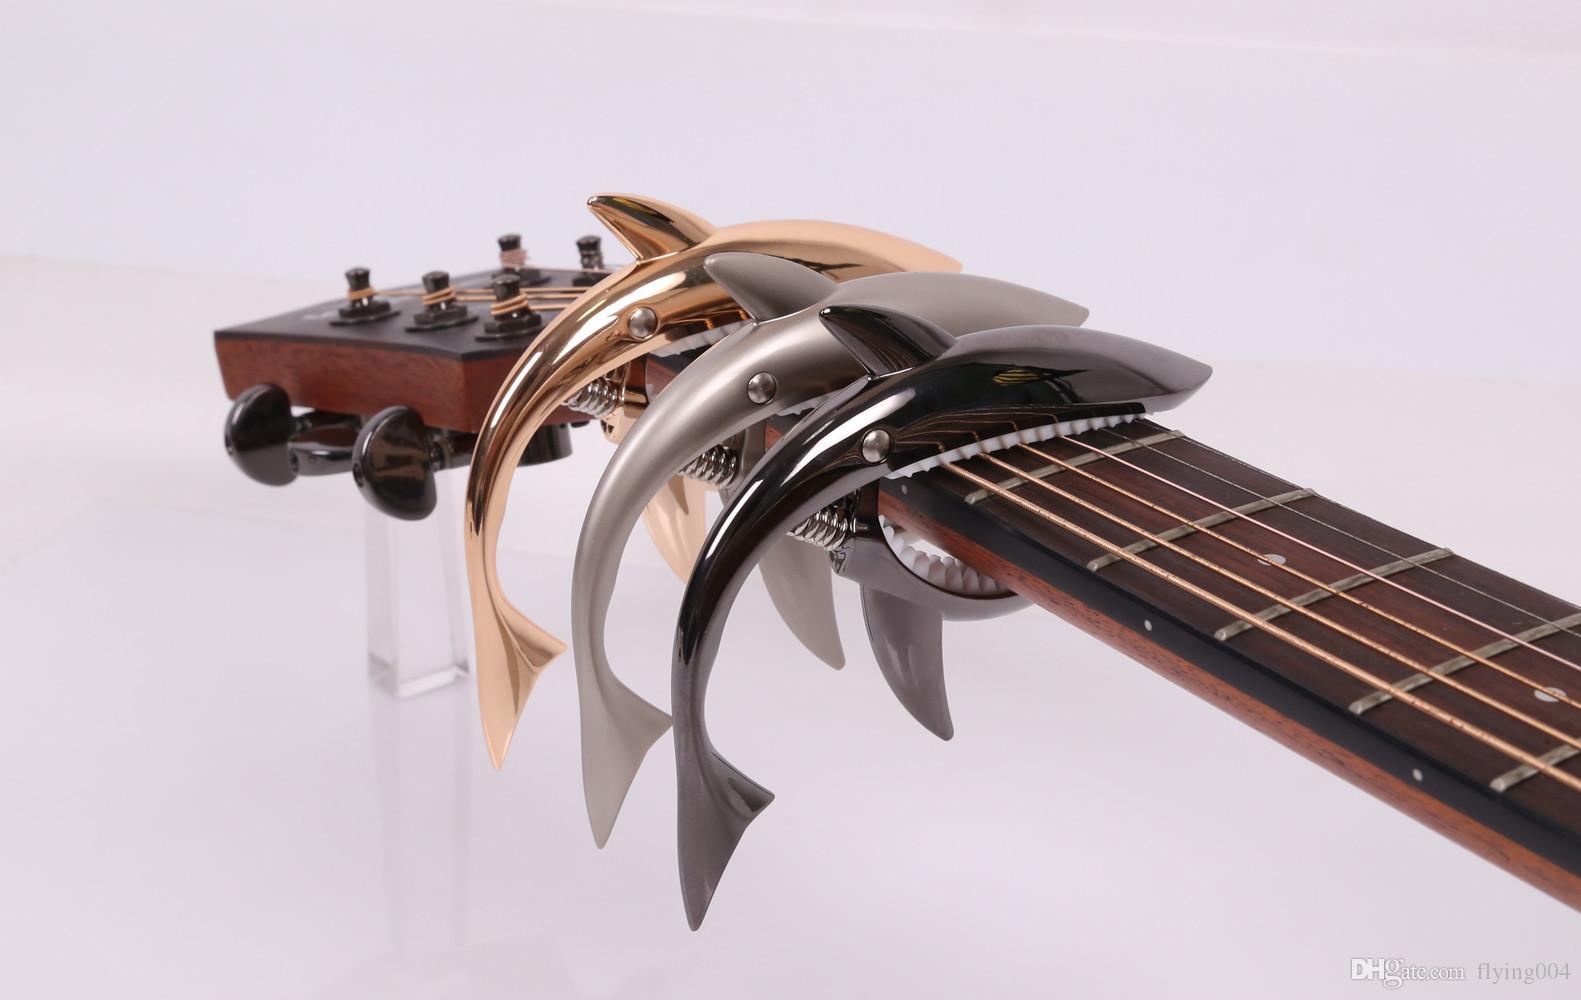 الشحن مجانا جودة عالية جديد تصميم الأزياء الغيتار البانجو القيثارة أسماك القرش قوم الغيتار كابو الصوتية خشبي كابو عود كليب